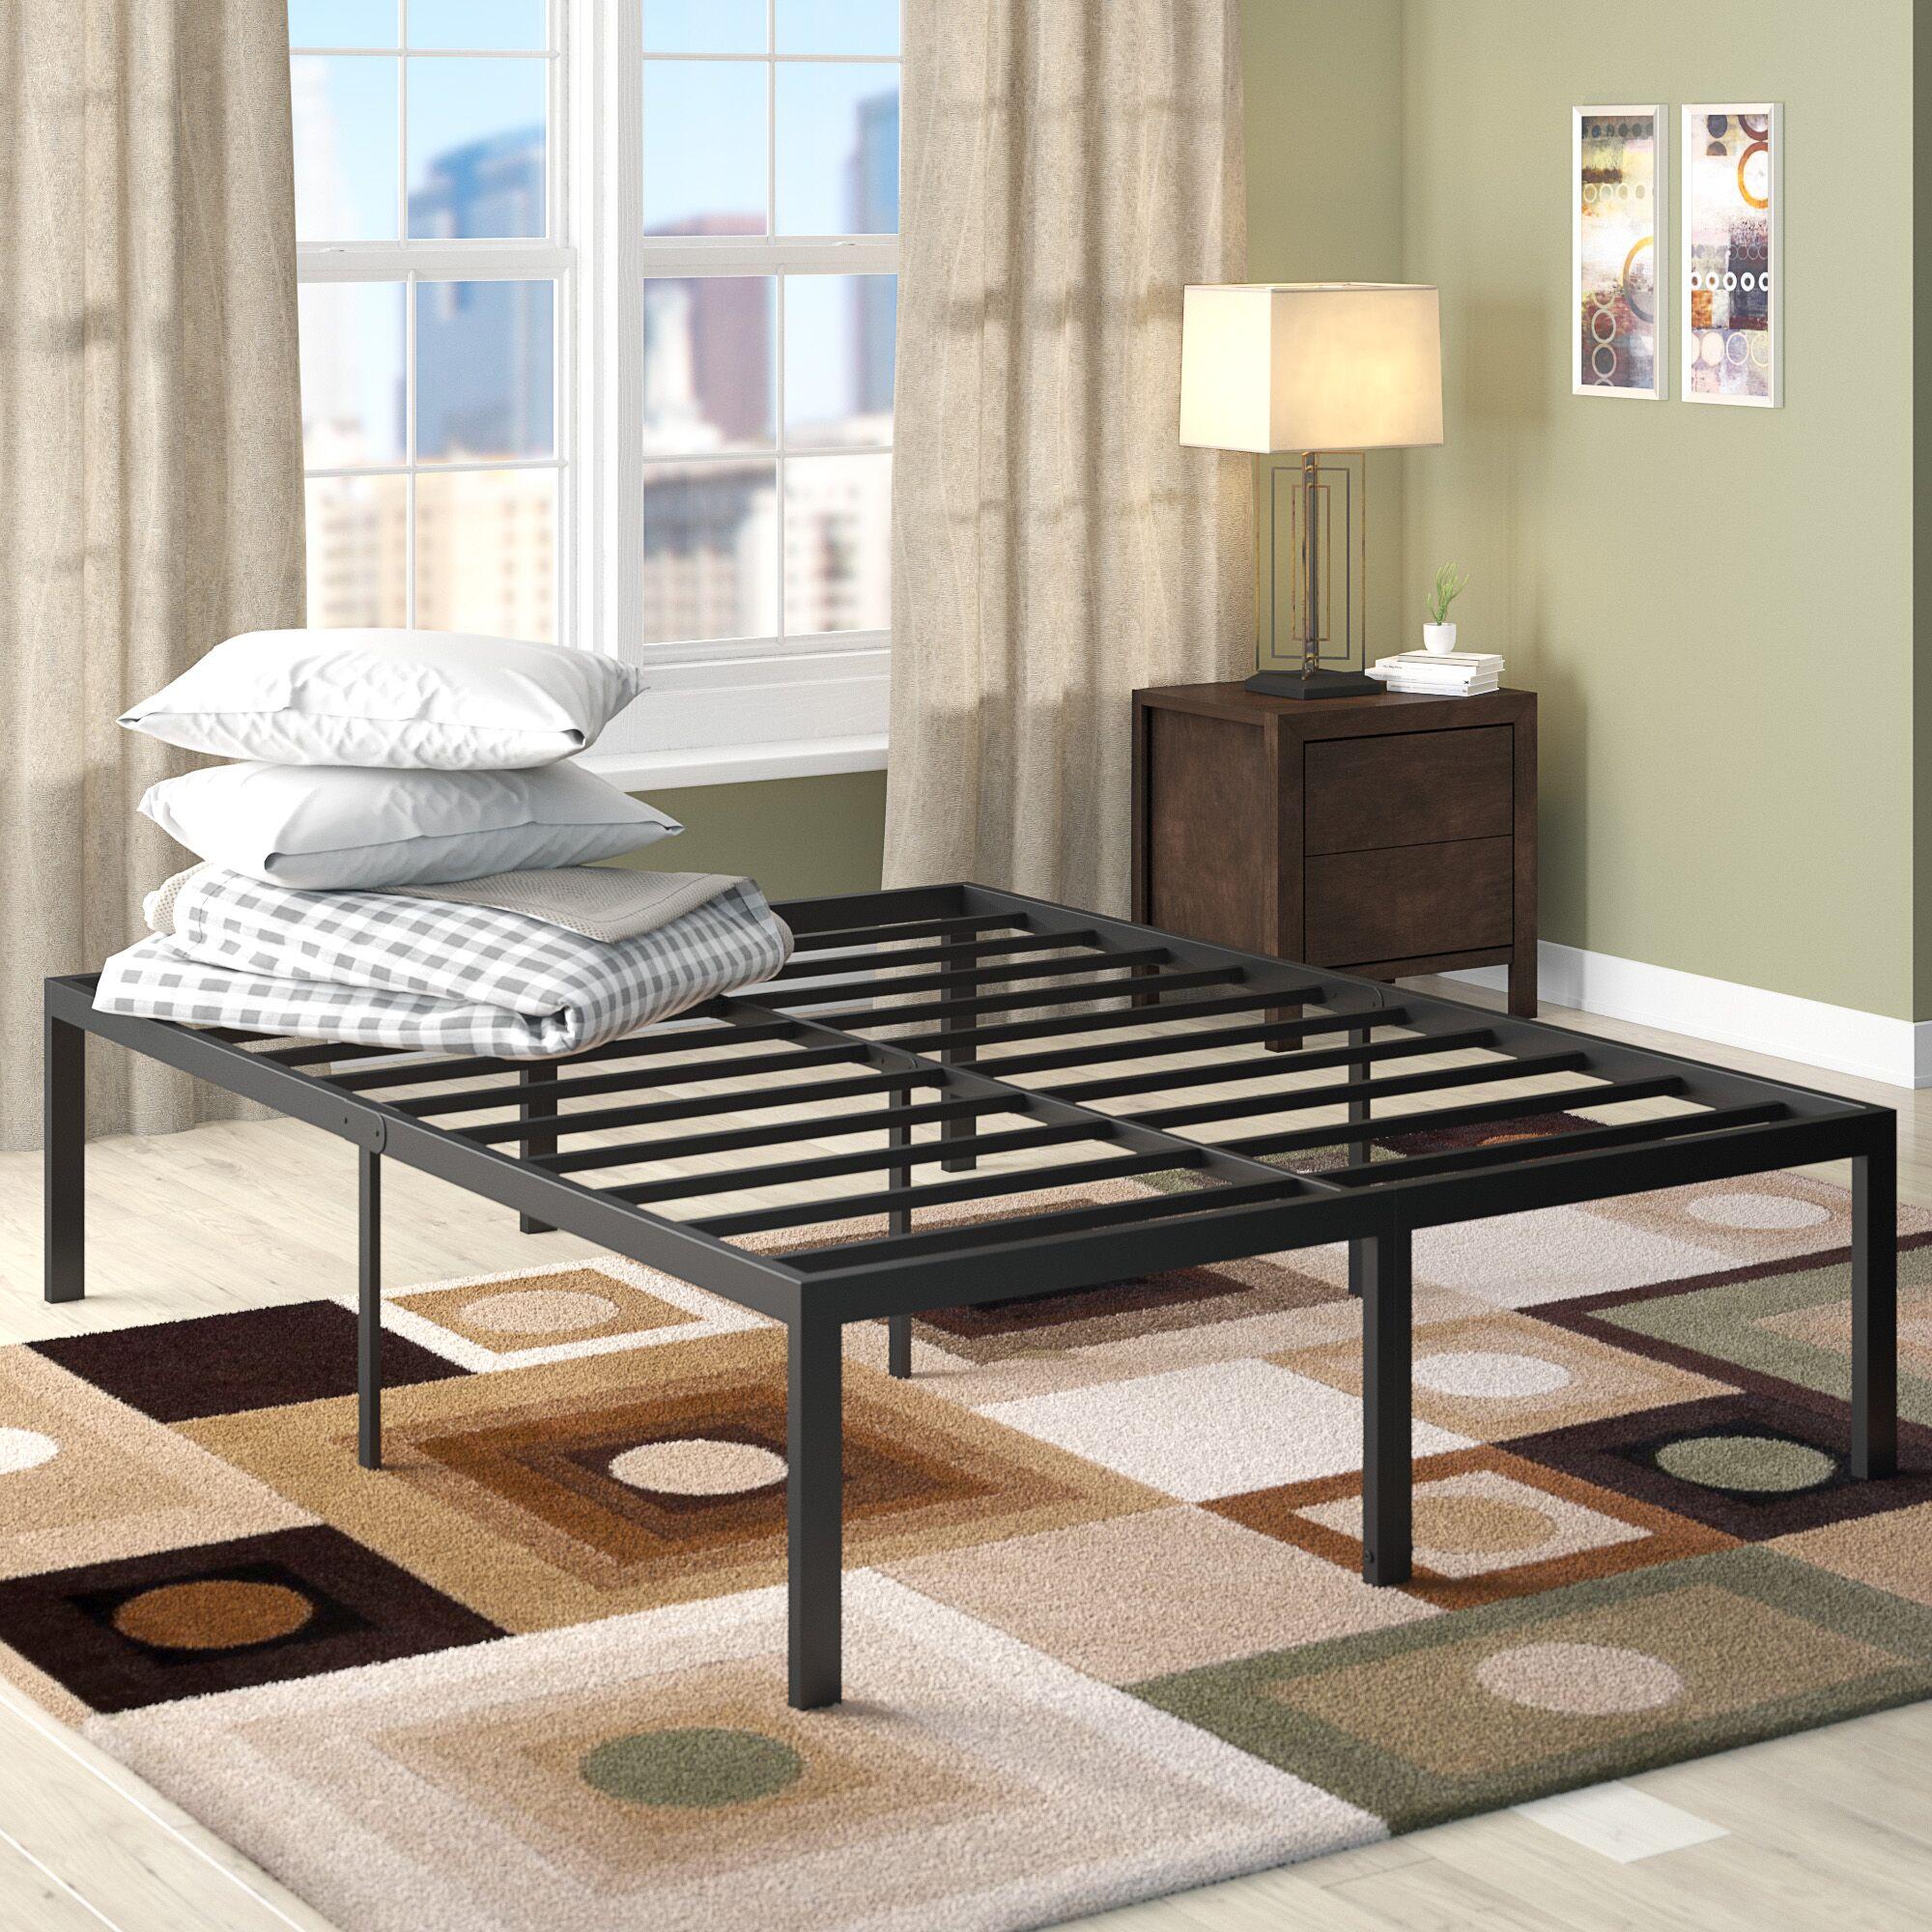 Yetter Steel Slat Bed Frame Size: California King